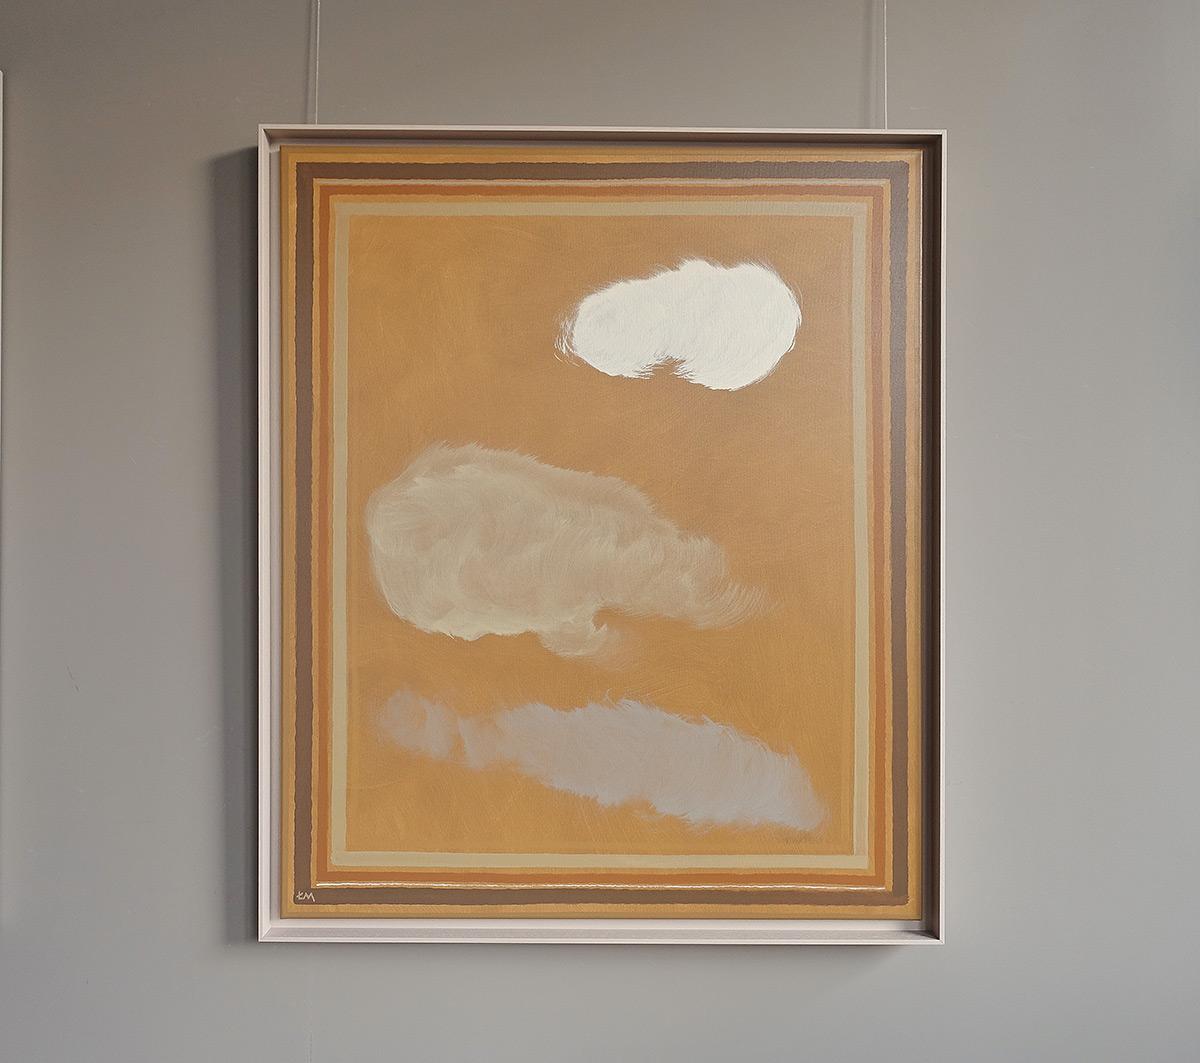 Łukasz Majcherowicz : White cloud